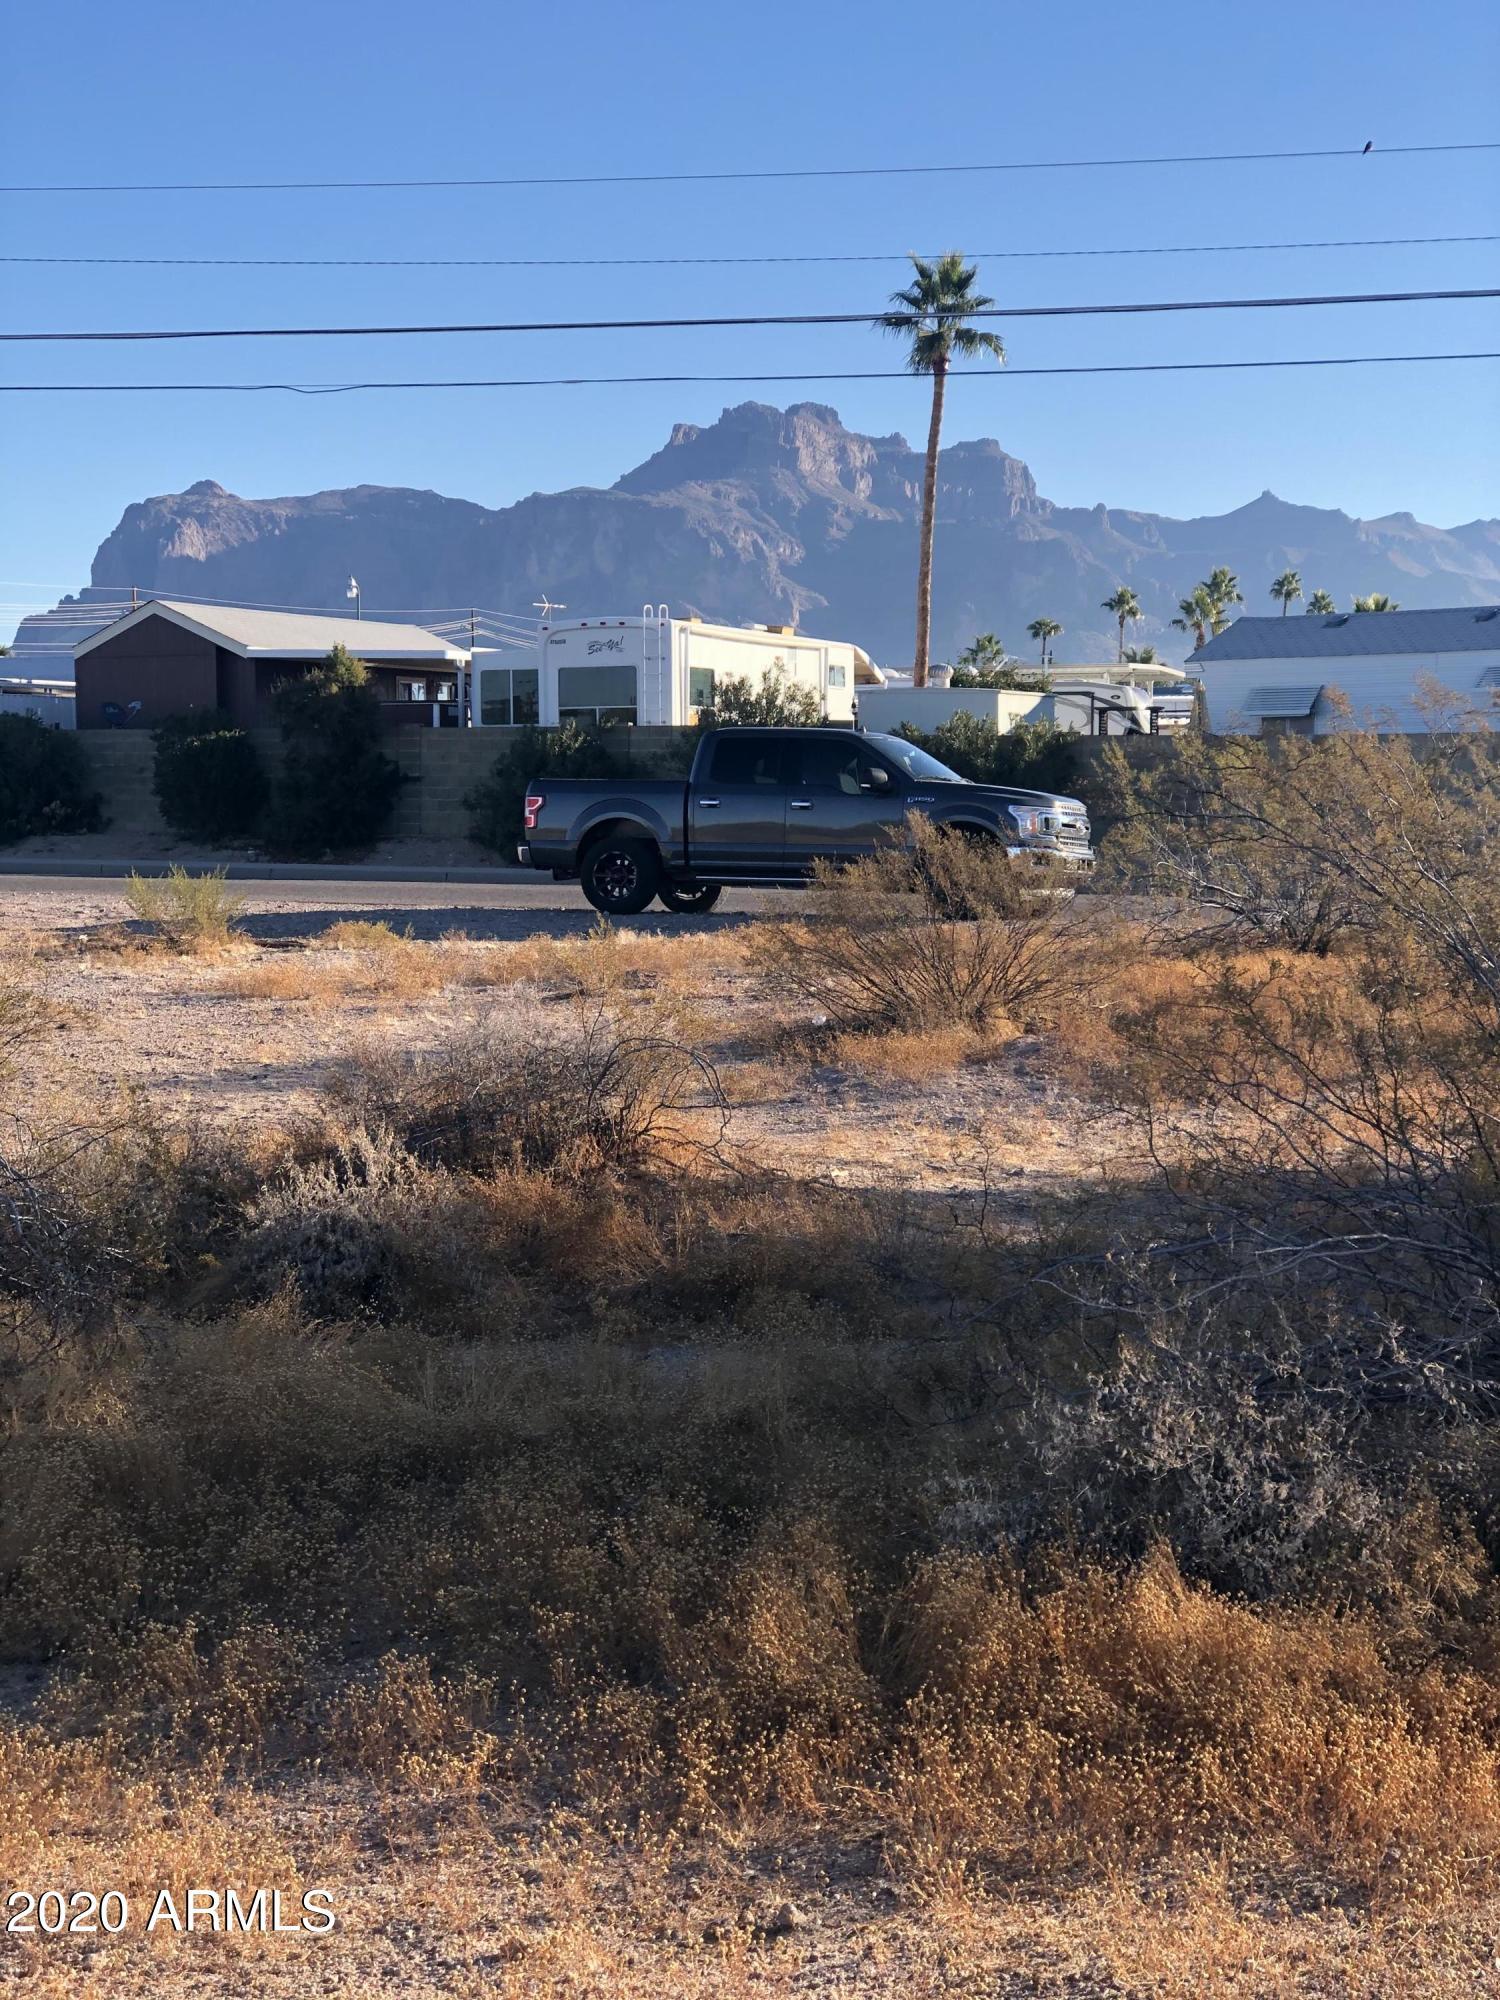 262 S CACTUS Road, Apache Junction, AZ 85119, ,Land,For Sale,262 S CACTUS Road,6221463